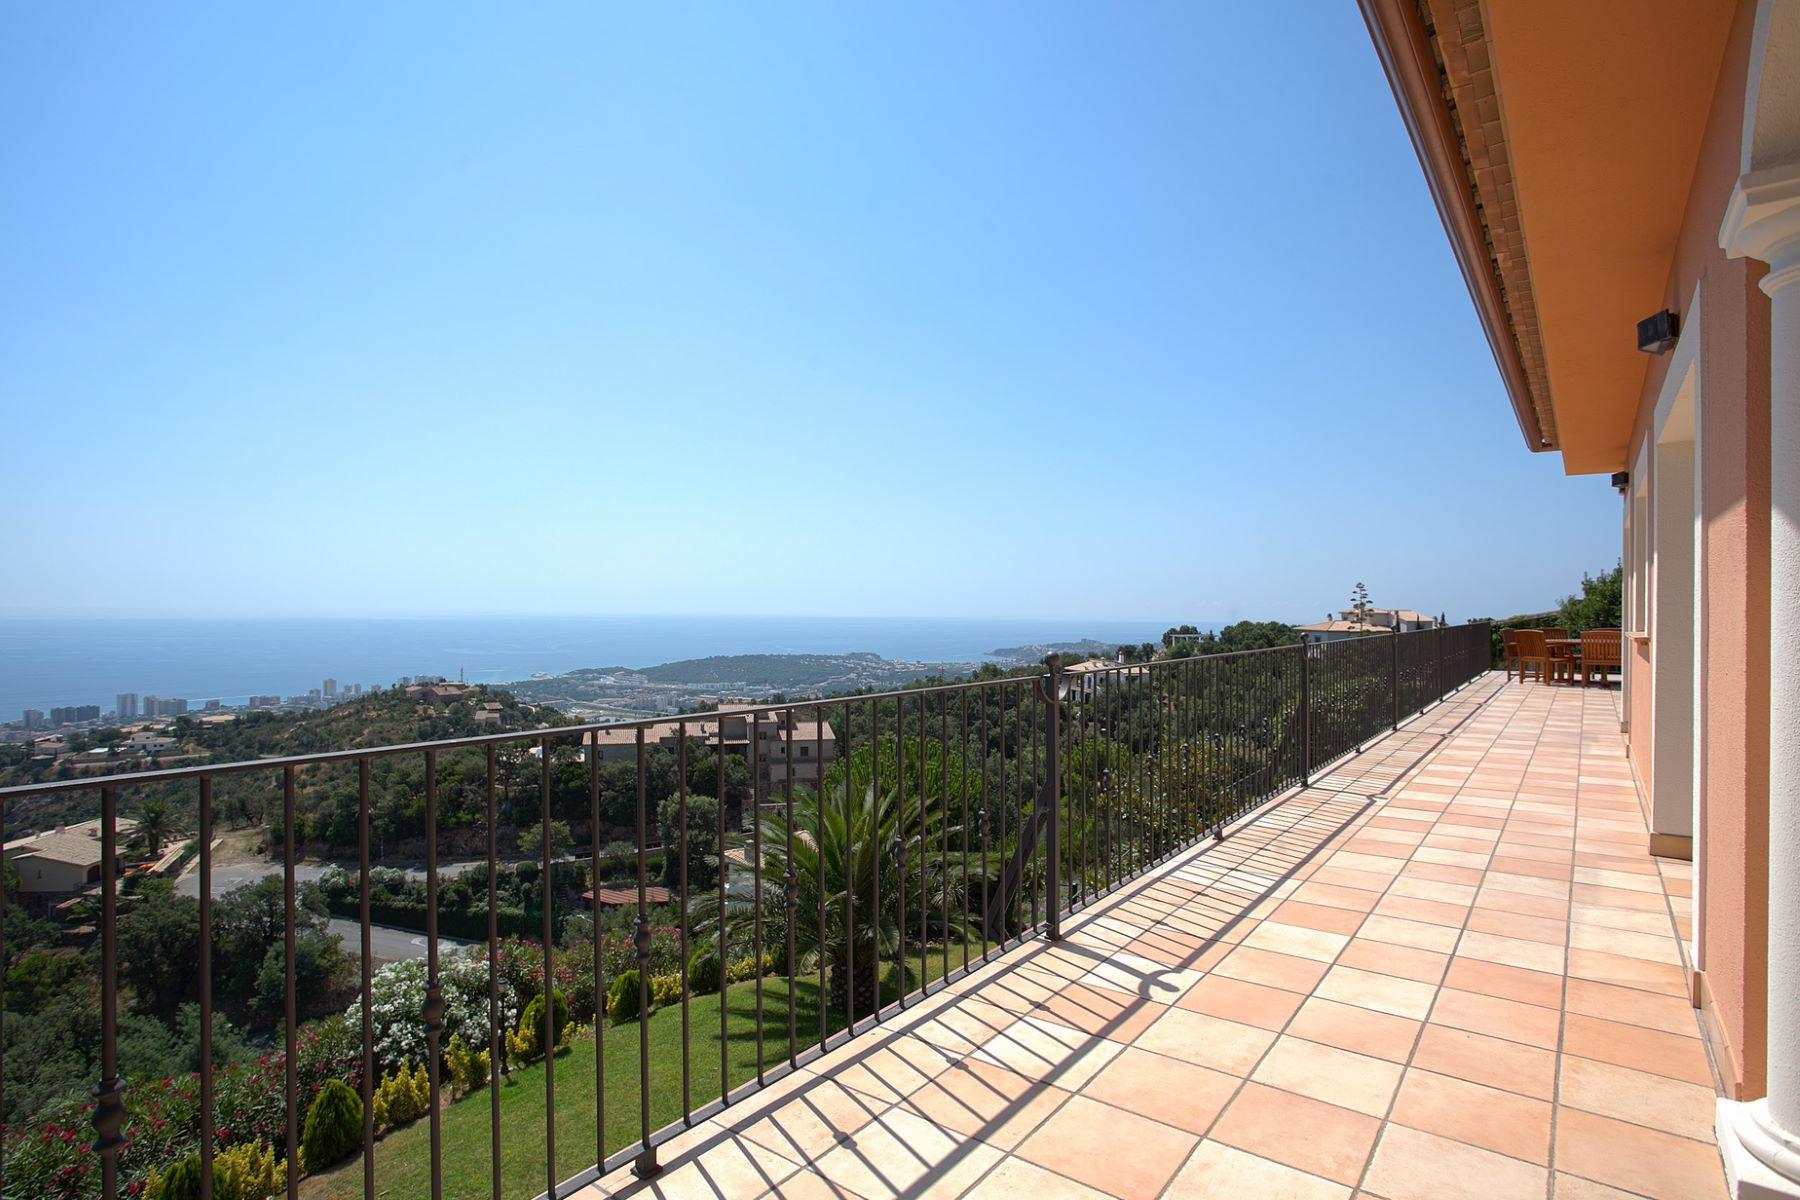 Einfamilienhaus für Verkauf beim Detached house with stunning panoramic views Playa De Aro, Costa Brava, 17250 Spanien